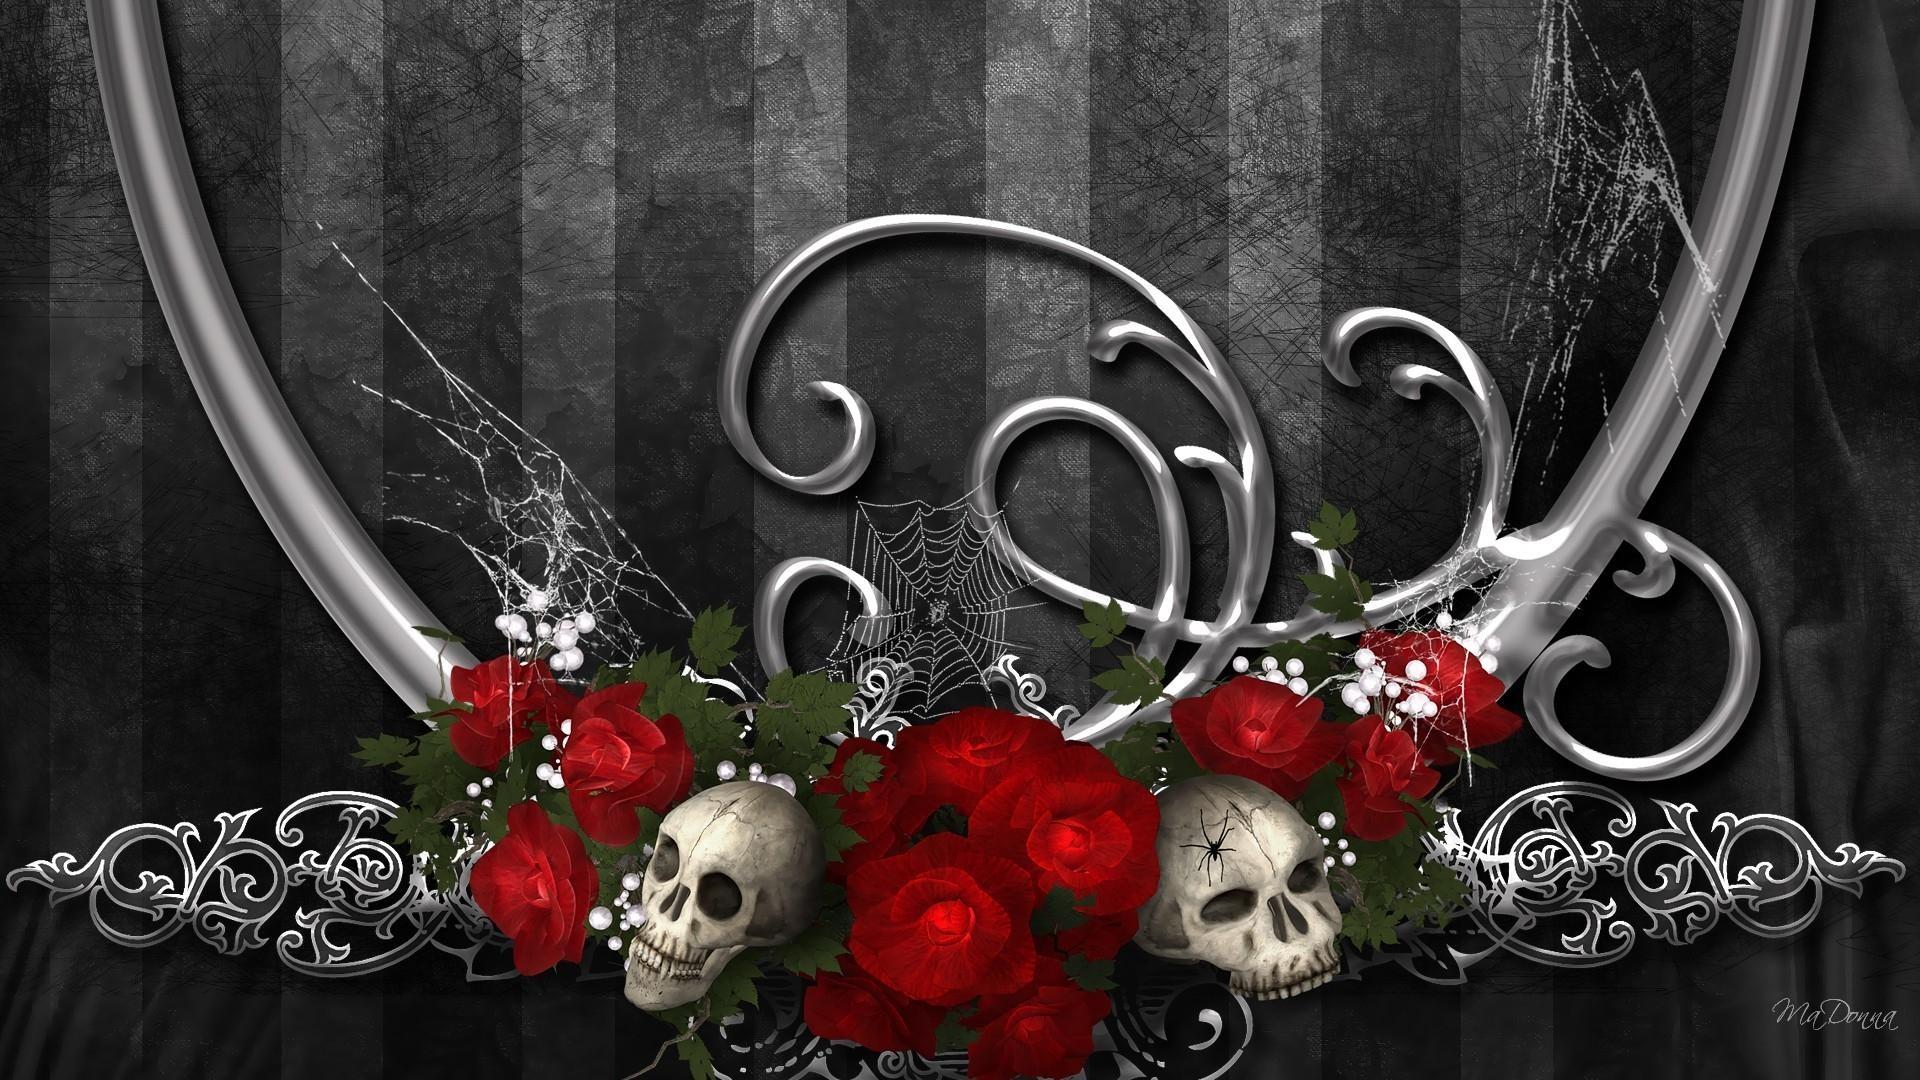 Dark Gothic Red Flower Artistic Skull Rose Design Wallpaper